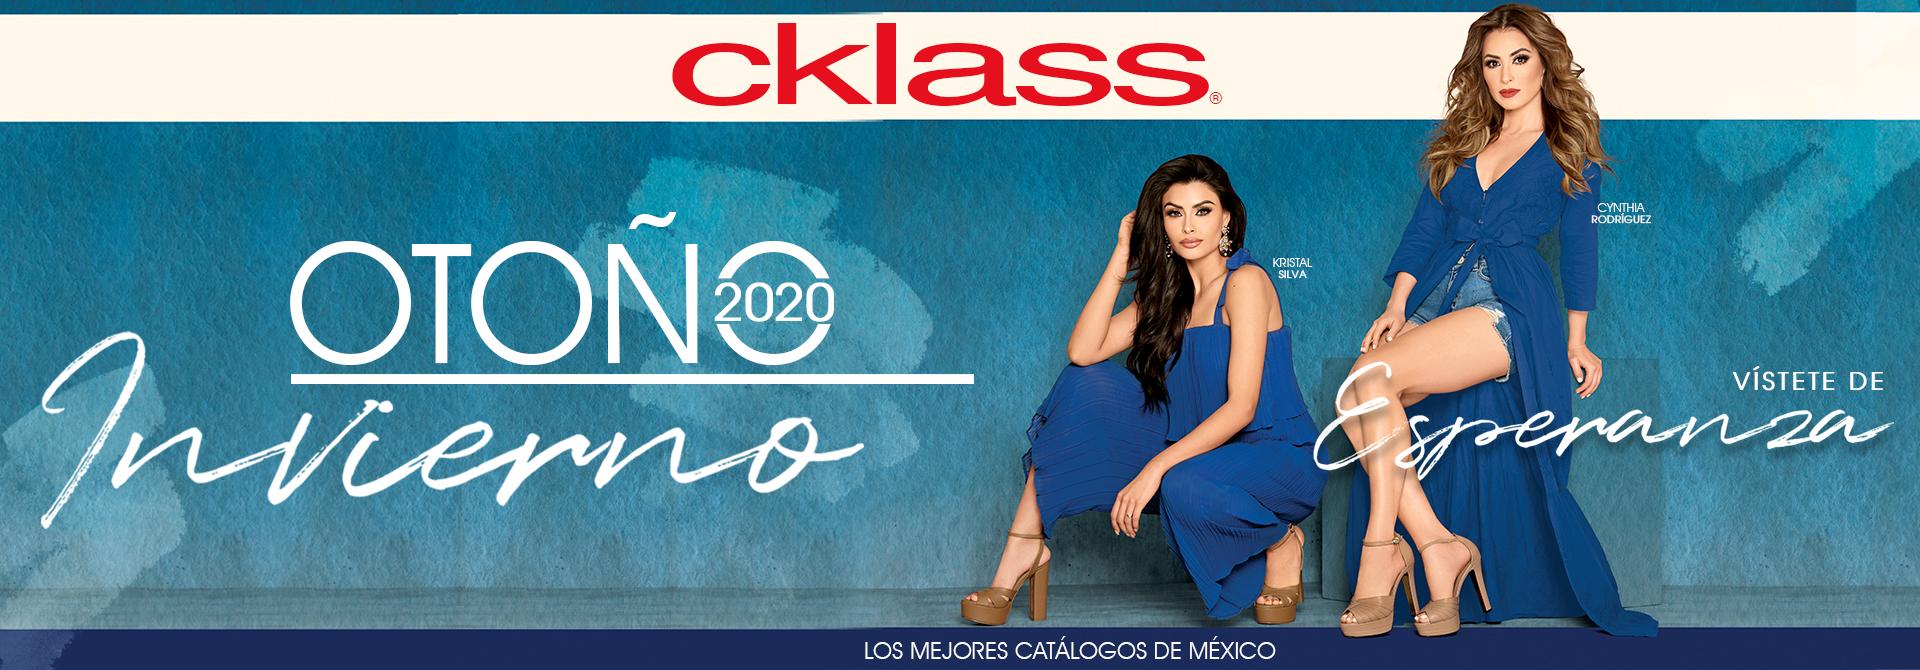 Cklass 2020 - 2021